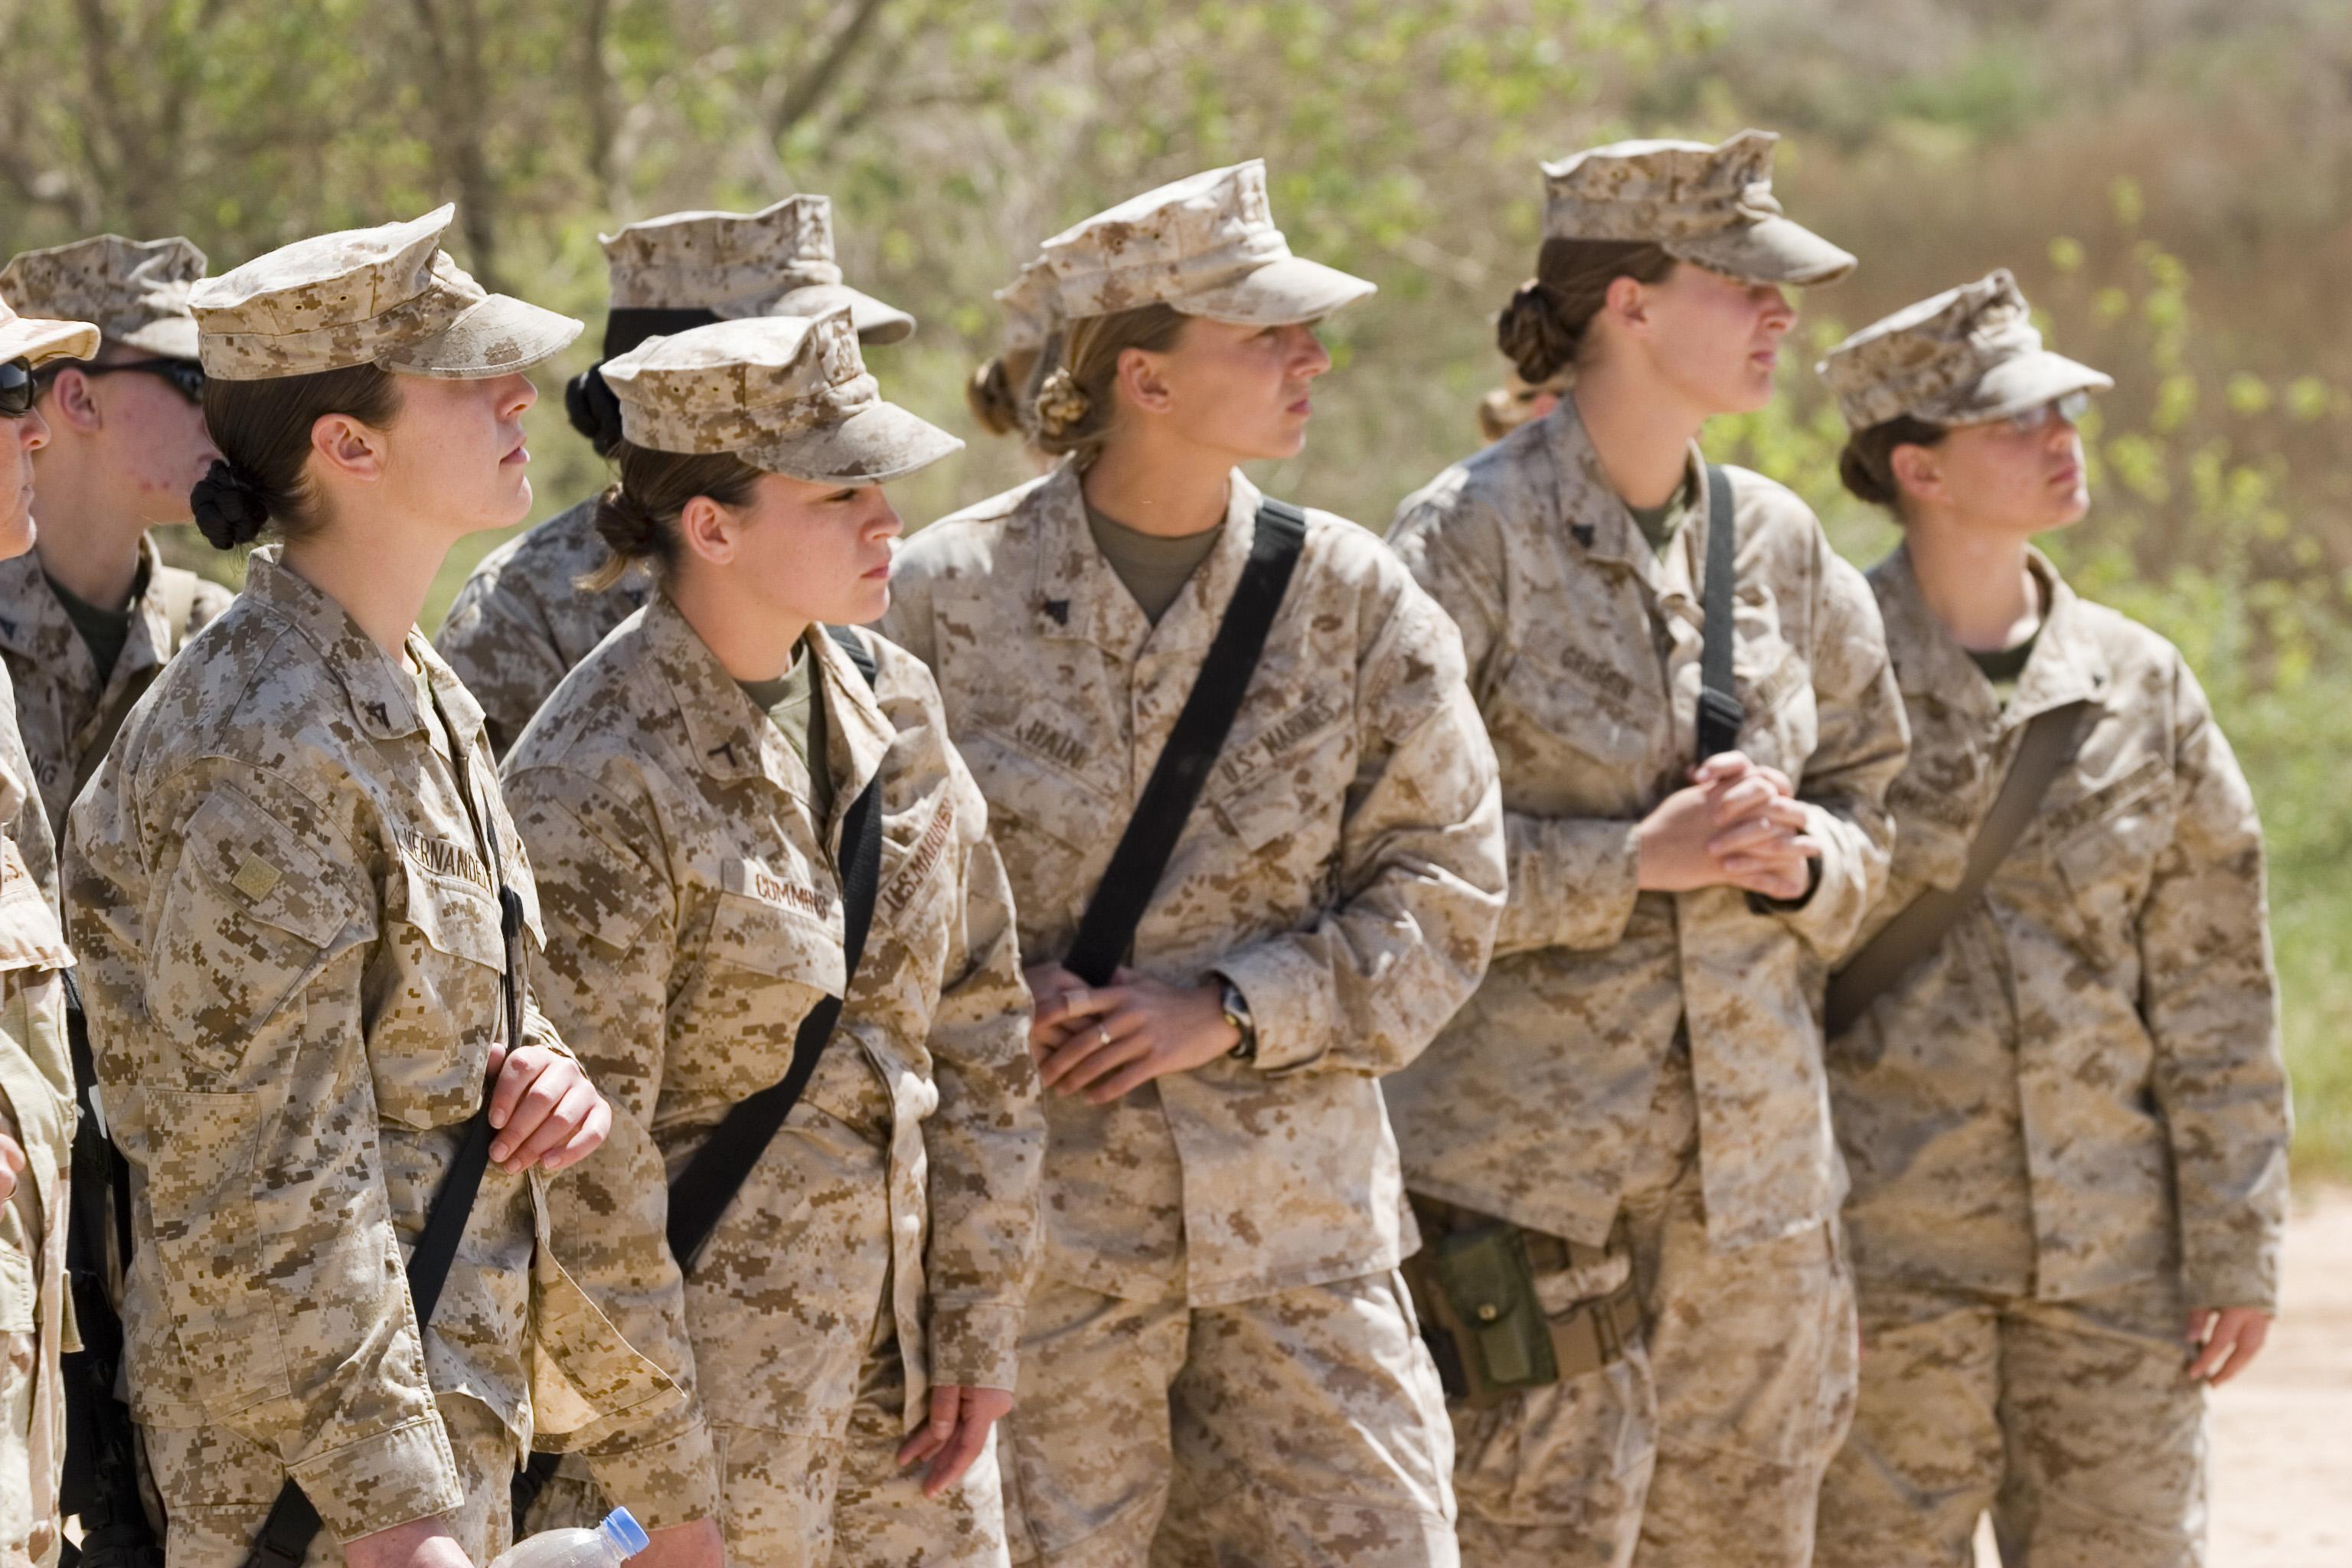 Women Prepare For Marine Combat Featured